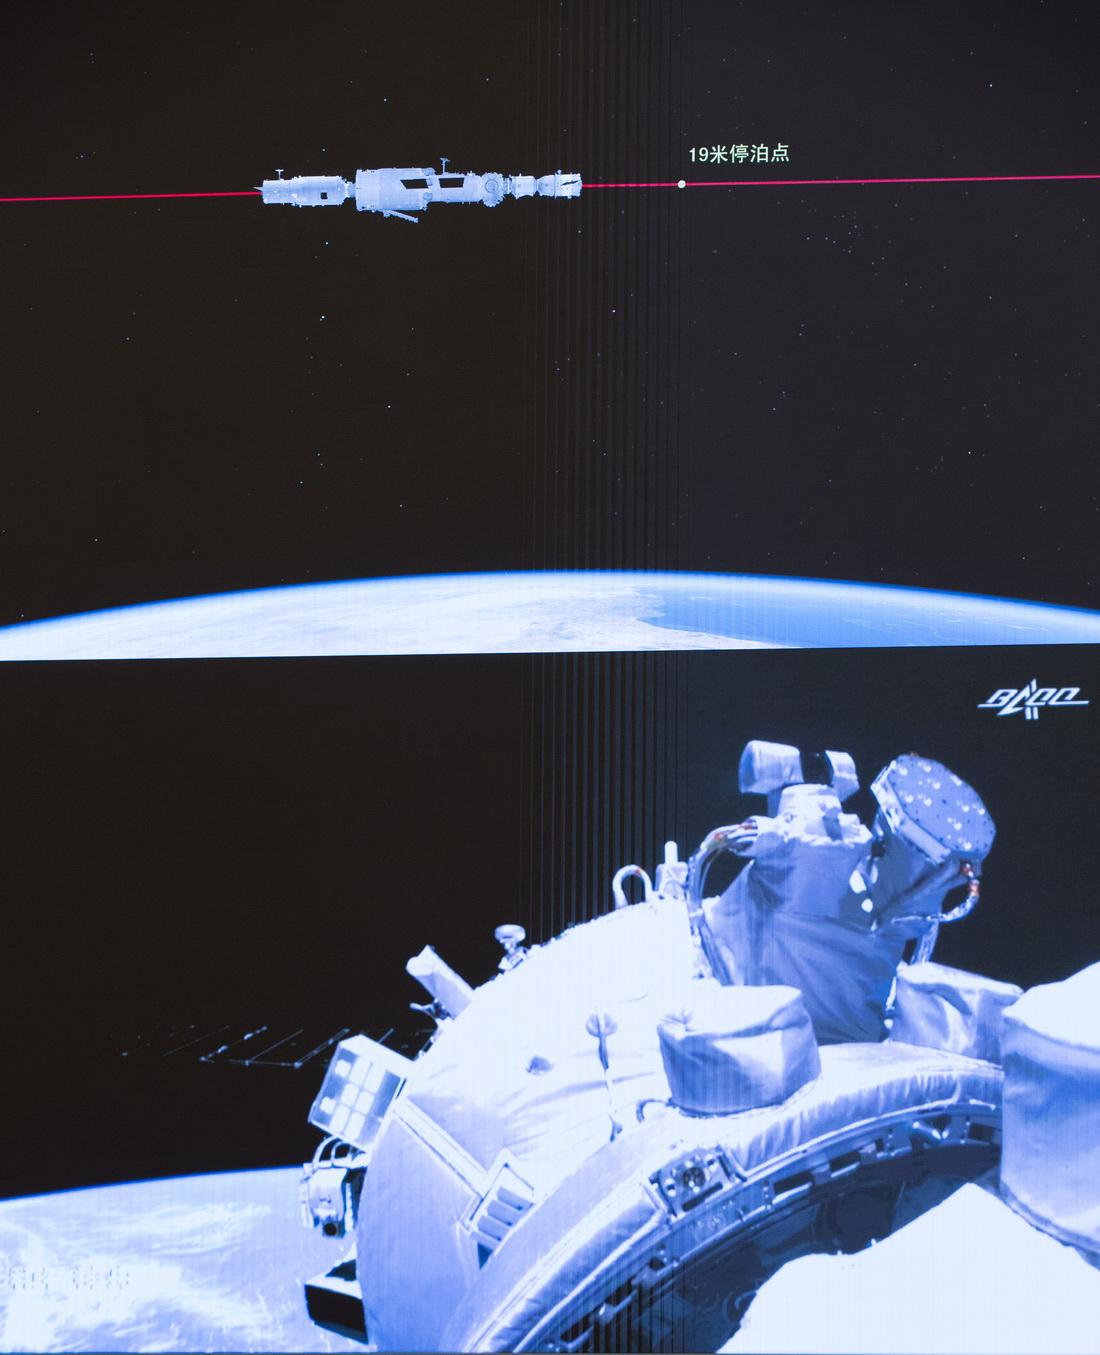 这是6月17日在北京航天飞行控制中心拍摄的神舟十二号载人飞船与天和核心舱自主快速交会对接成功的画面。新华社 图